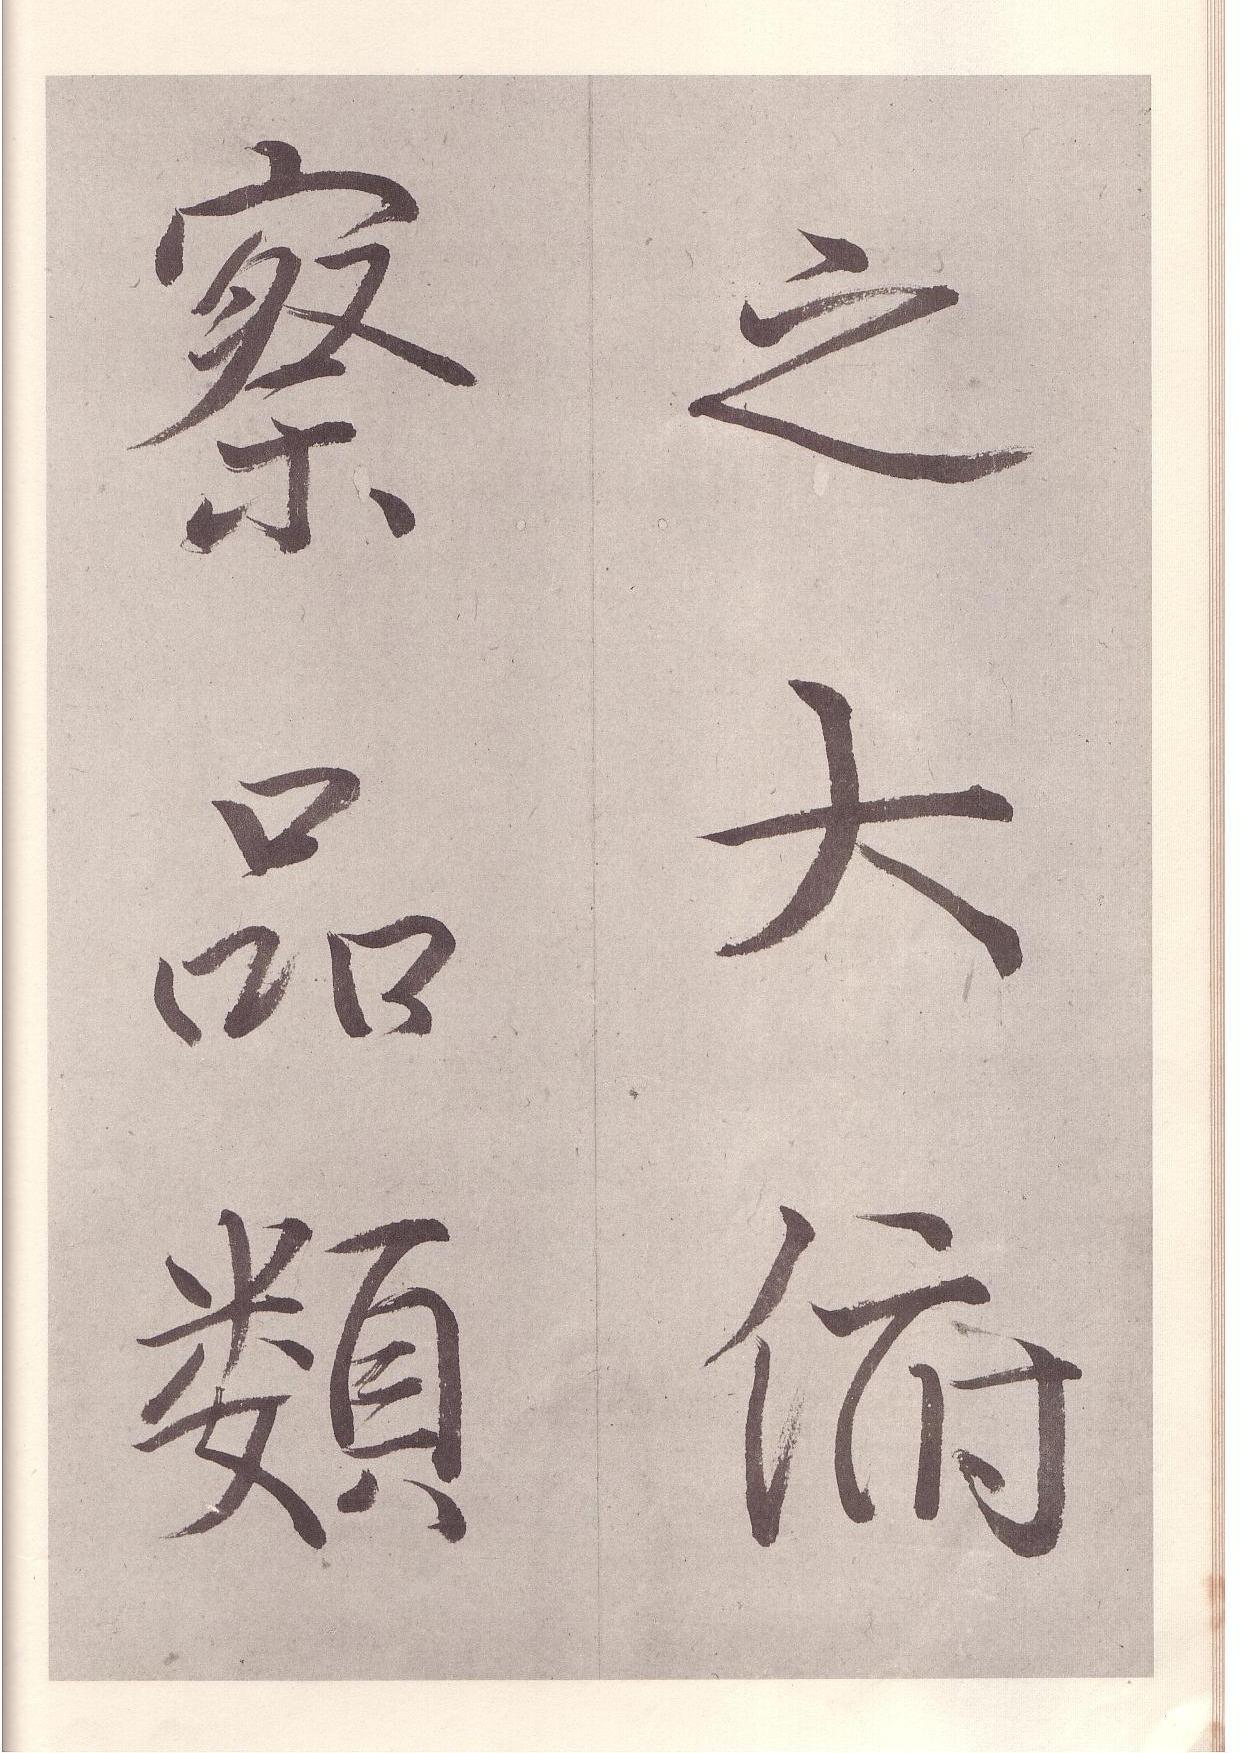 貫名菘翁は非常に数多くの蘭亭の臨書をのこしているようで、手元にある影印本だけで、